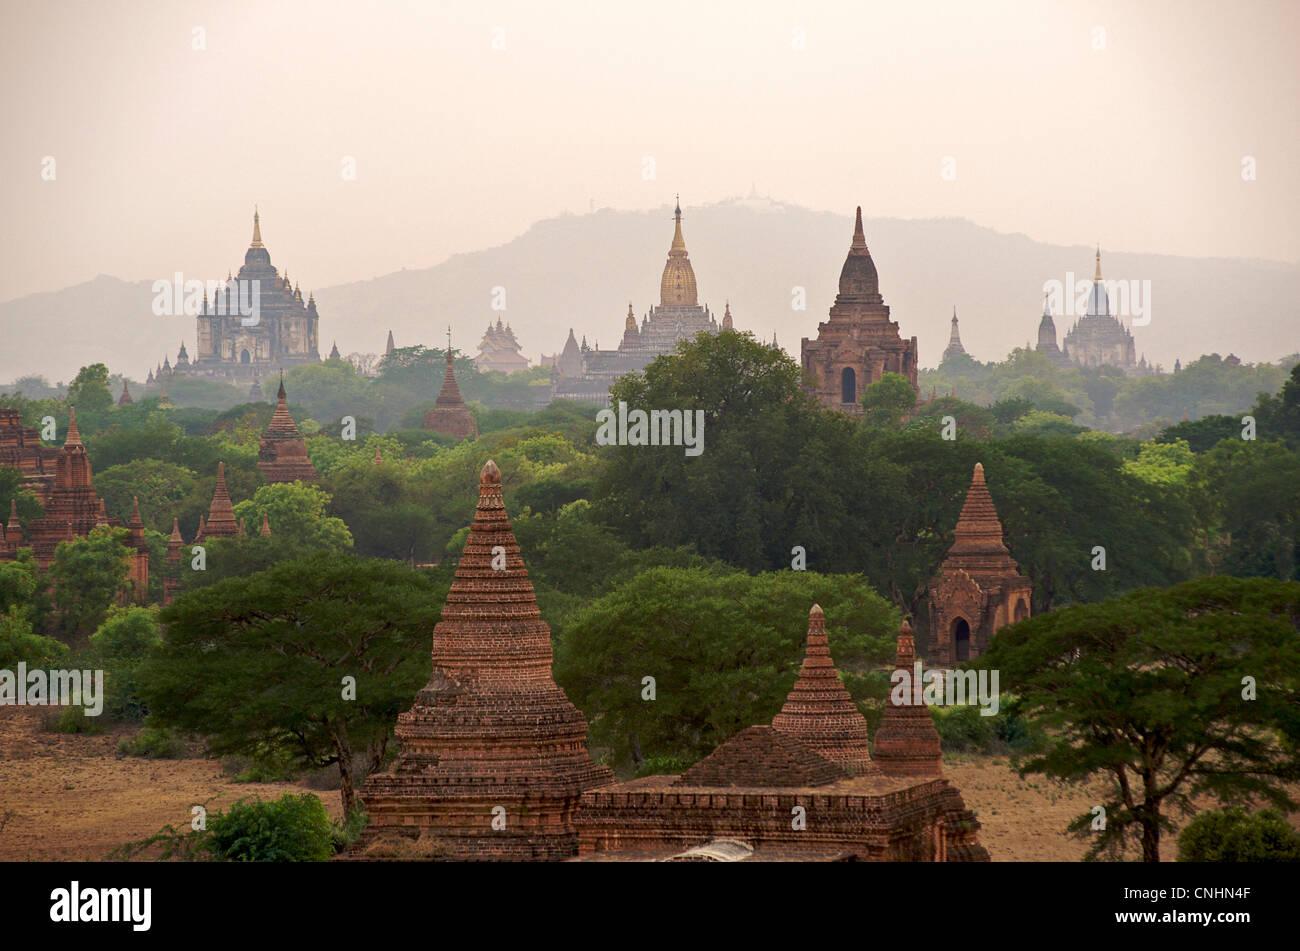 Vue sur la plaine de Bagan avec la flèche d'or de la pagode Ananda centre. La Birmanie. Les stupas anciens Photo Stock